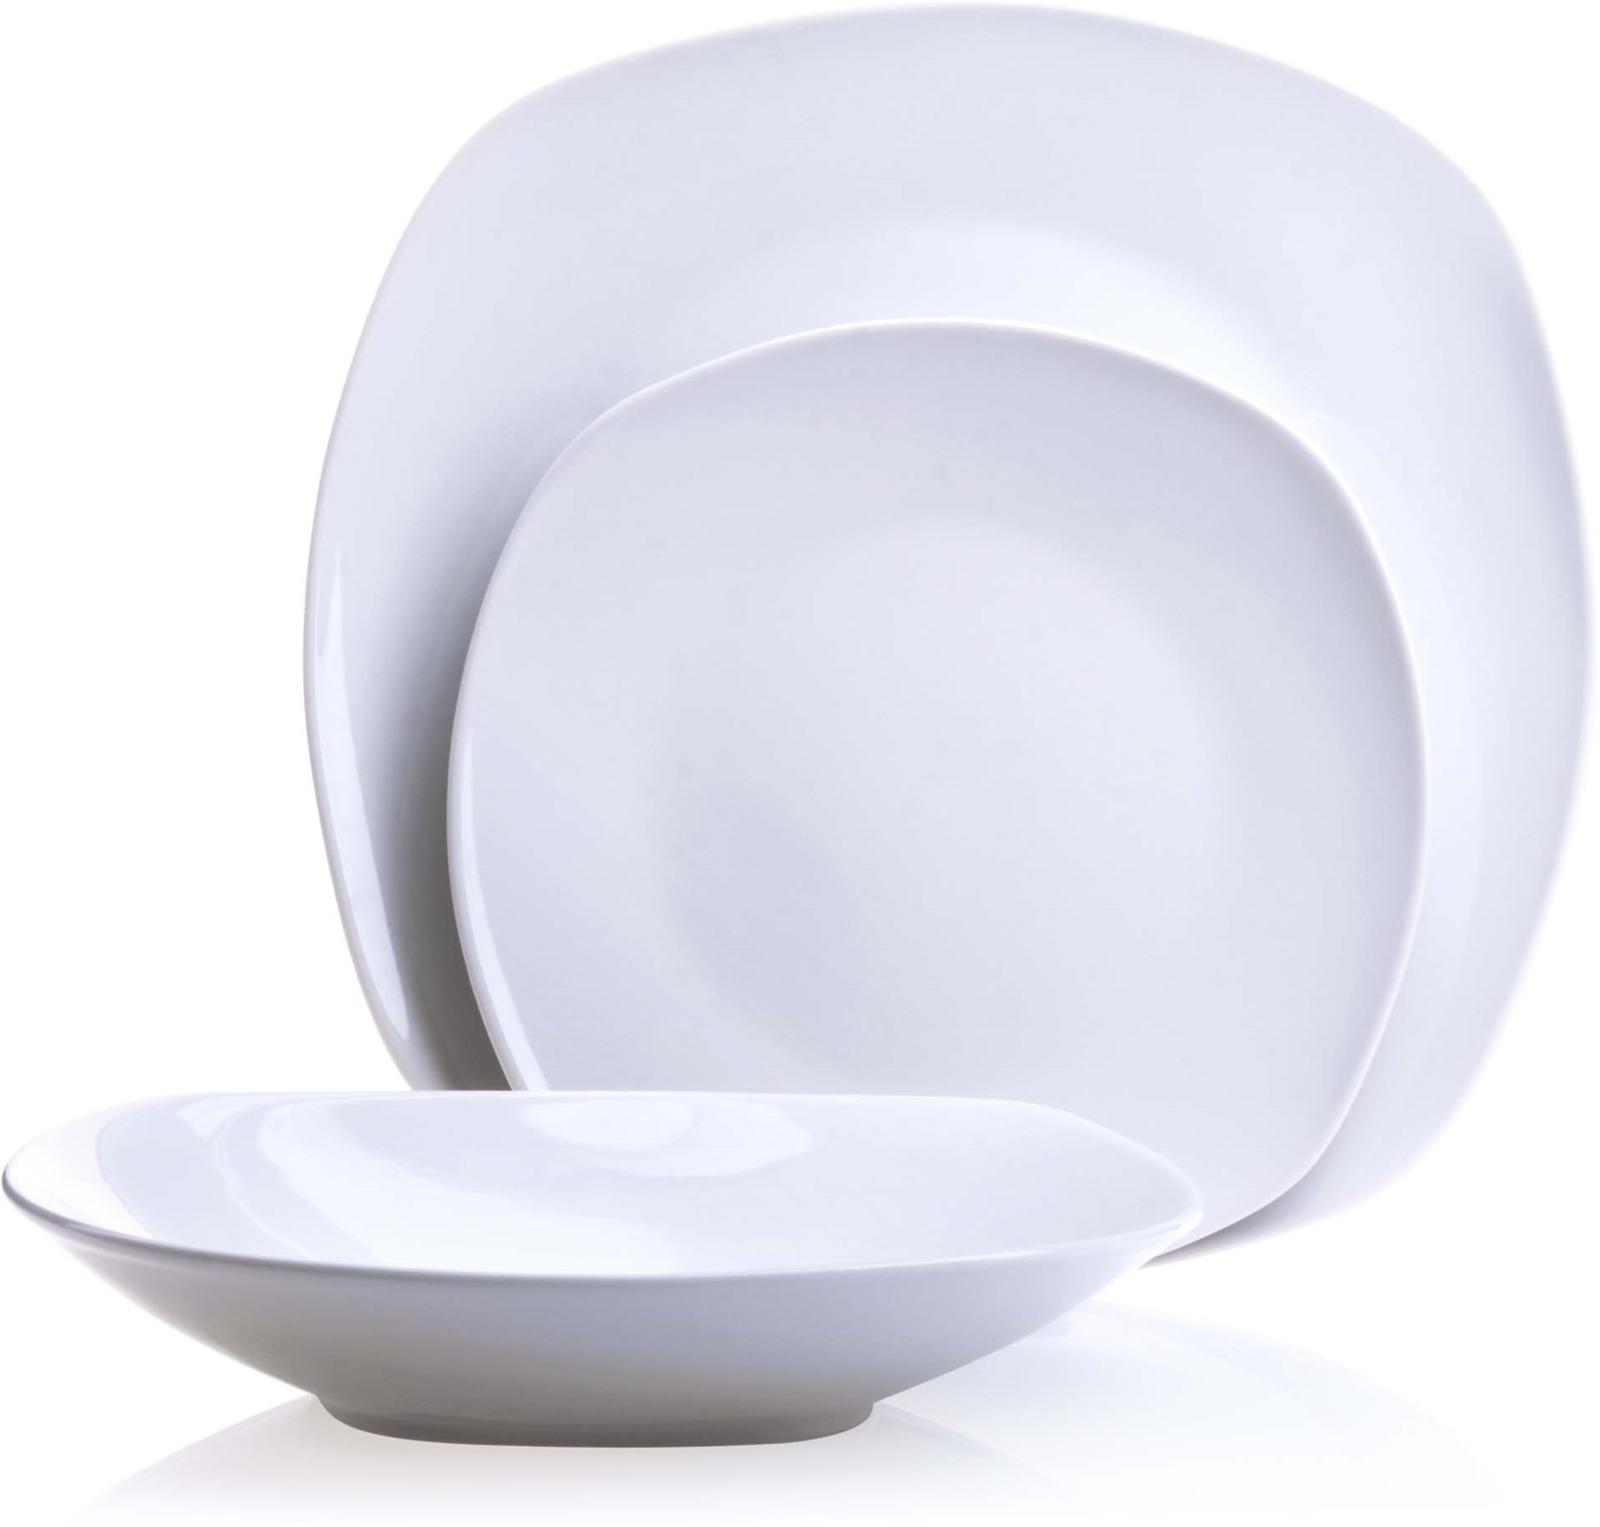 Сервиз обеденный Loraine, цвет: белый, 18 предметов. у4110